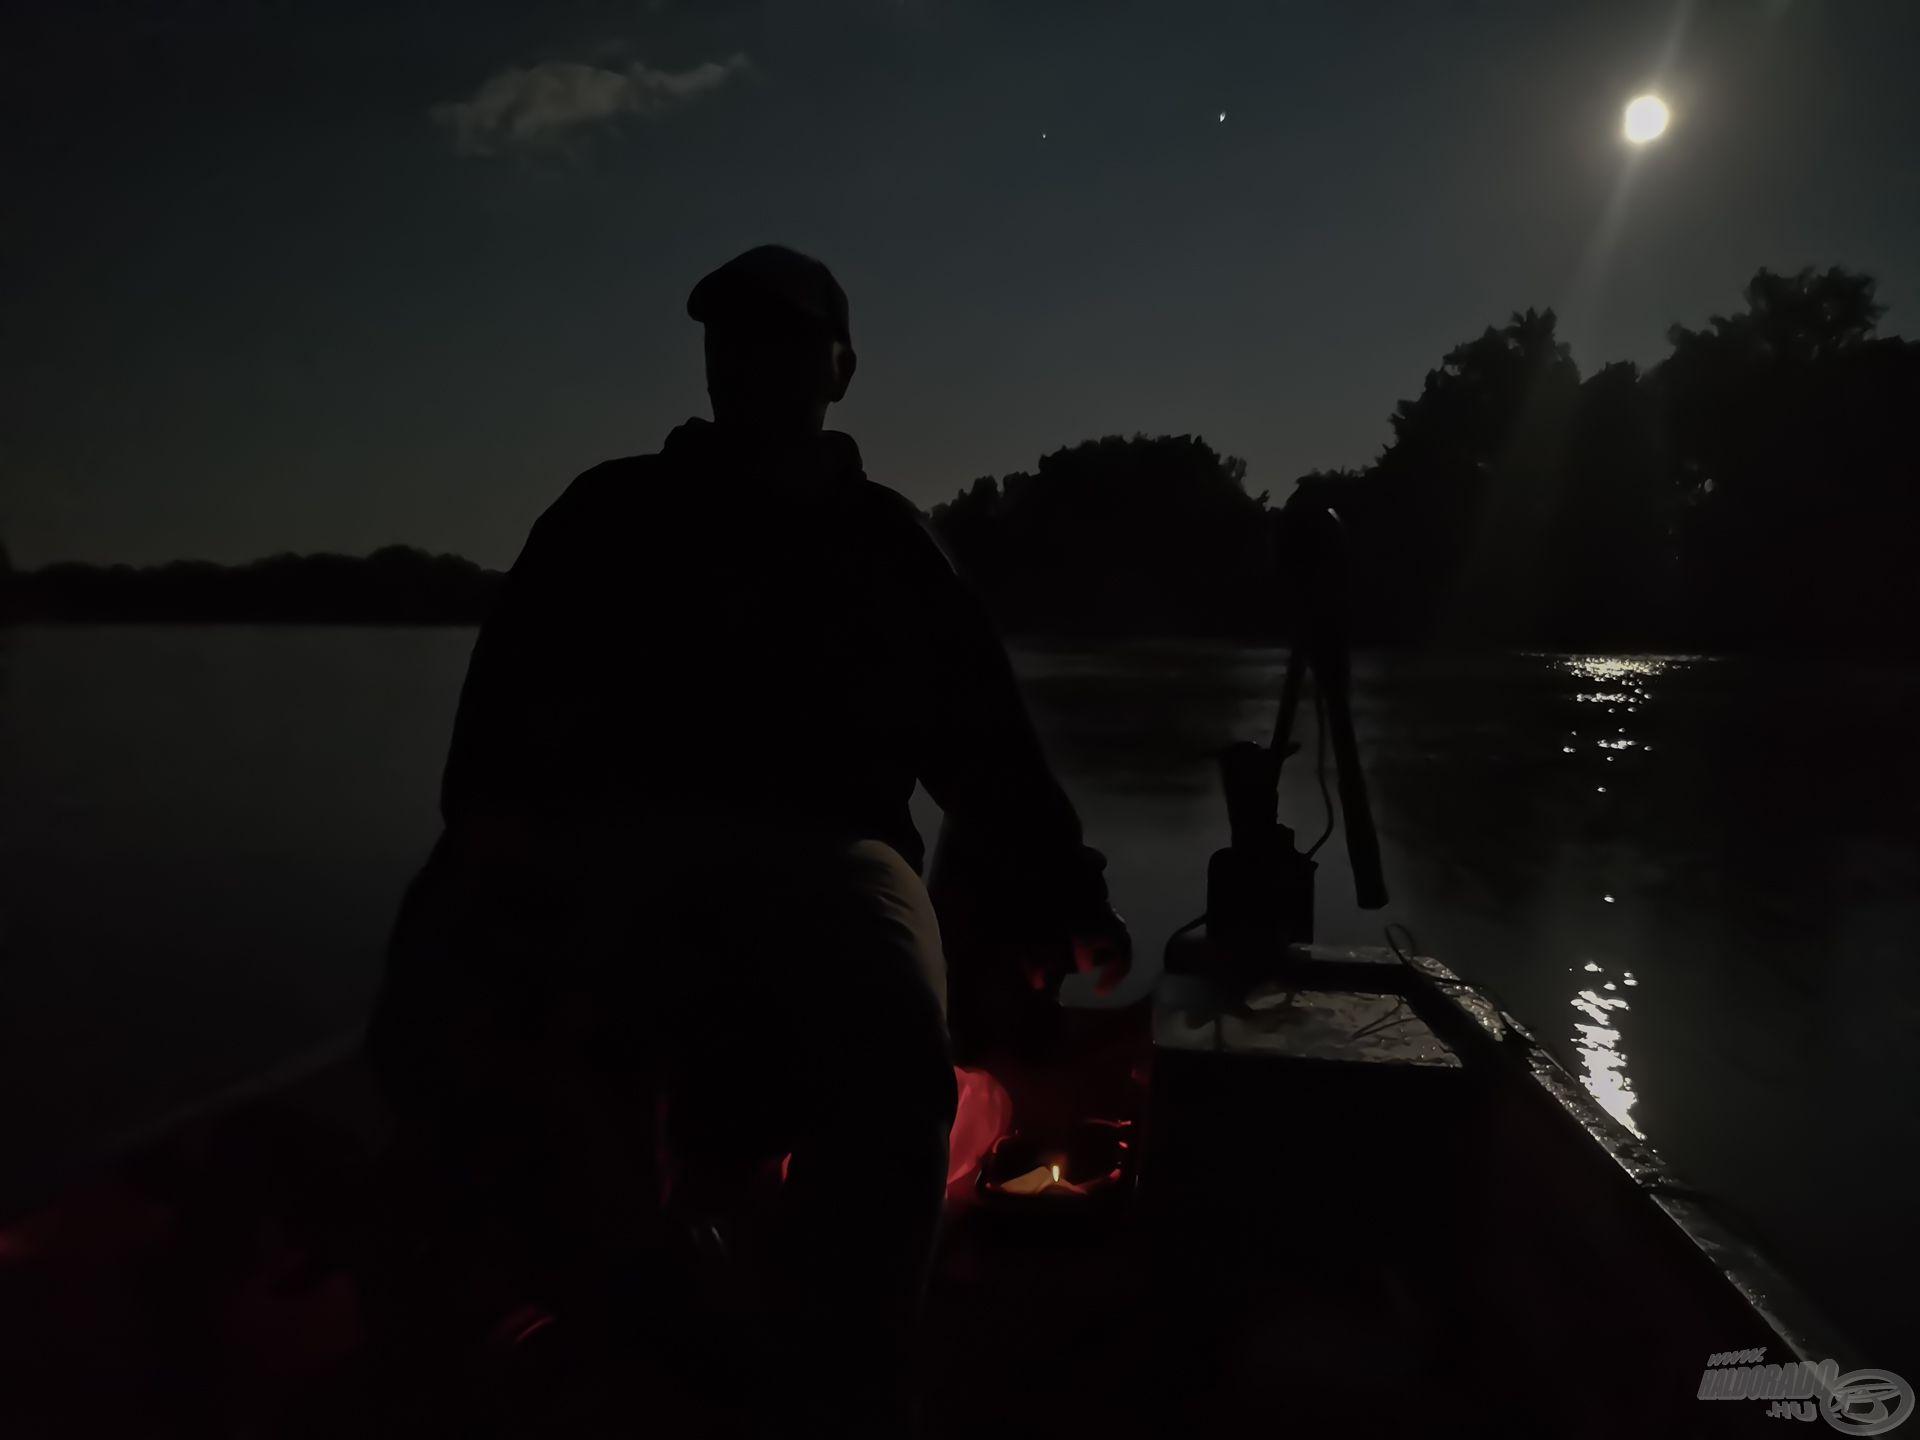 Reflektor nélkül lehetett hajózni, kb. itt éreztük azt, hogy az estének annyi…